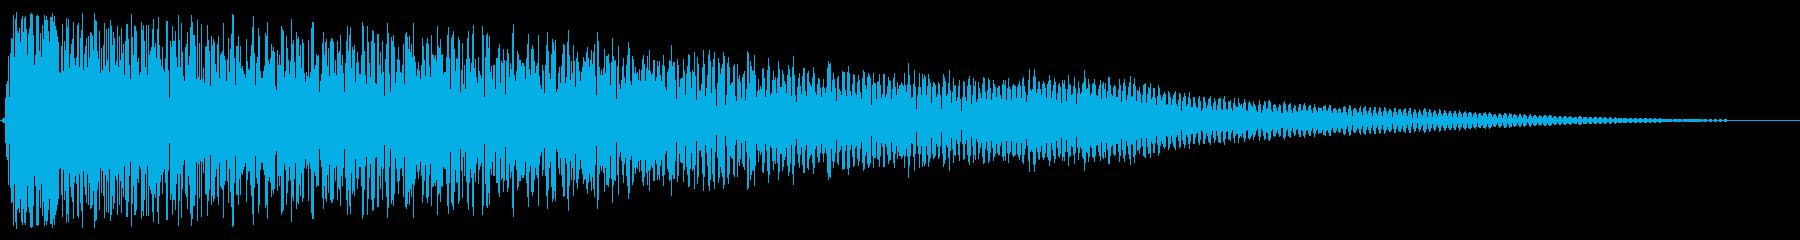 ゴングとシンバルのミュートヒットの再生済みの波形